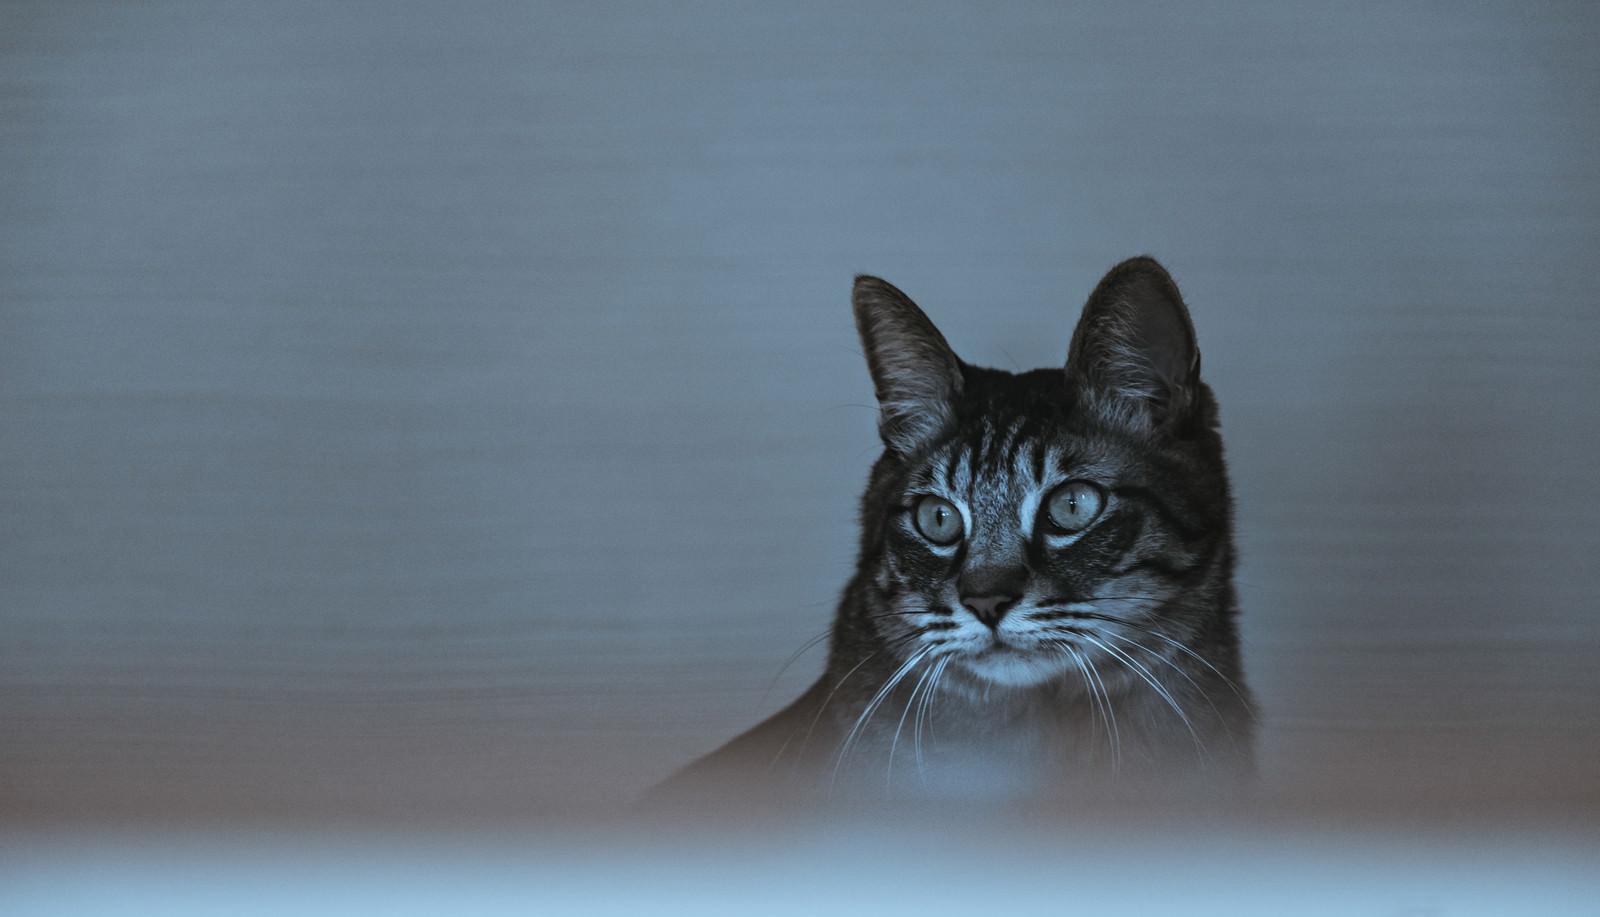 「暗がり猫」の写真